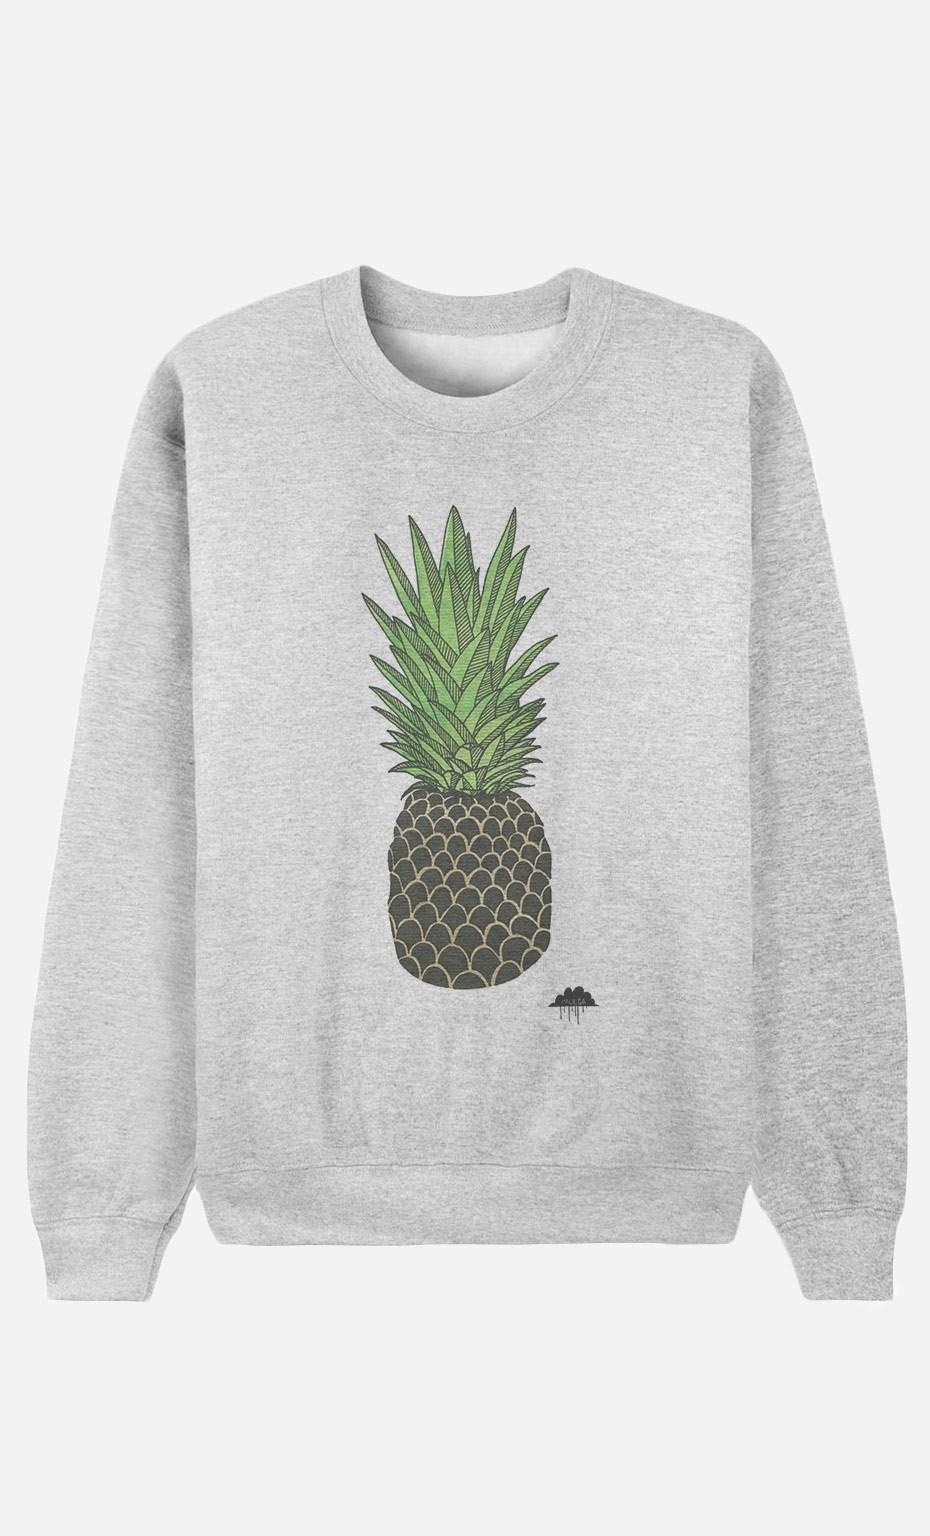 Sweatshirt Pineapple